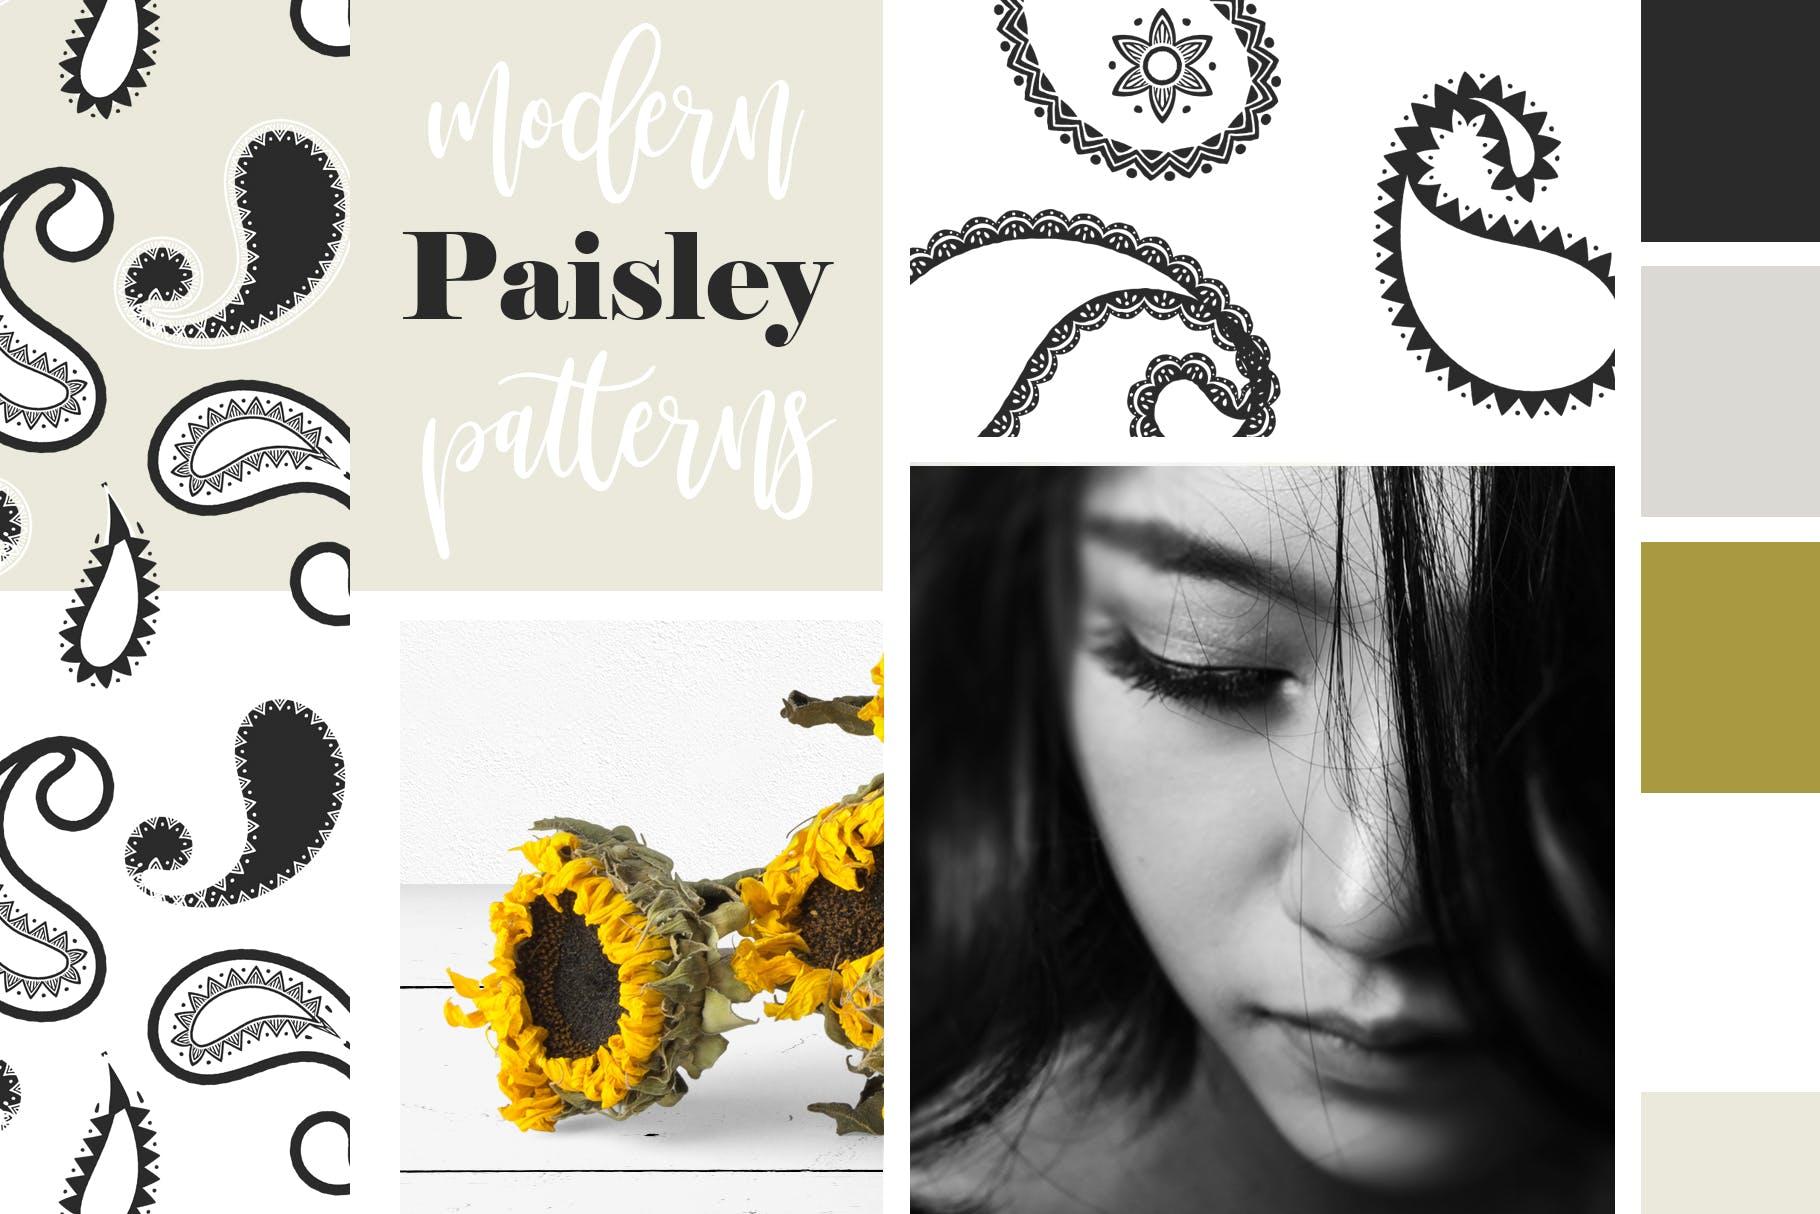 40个现代经典装饰花纹组合矢量图案Modern Paisley Seamless Patterns插图(4)